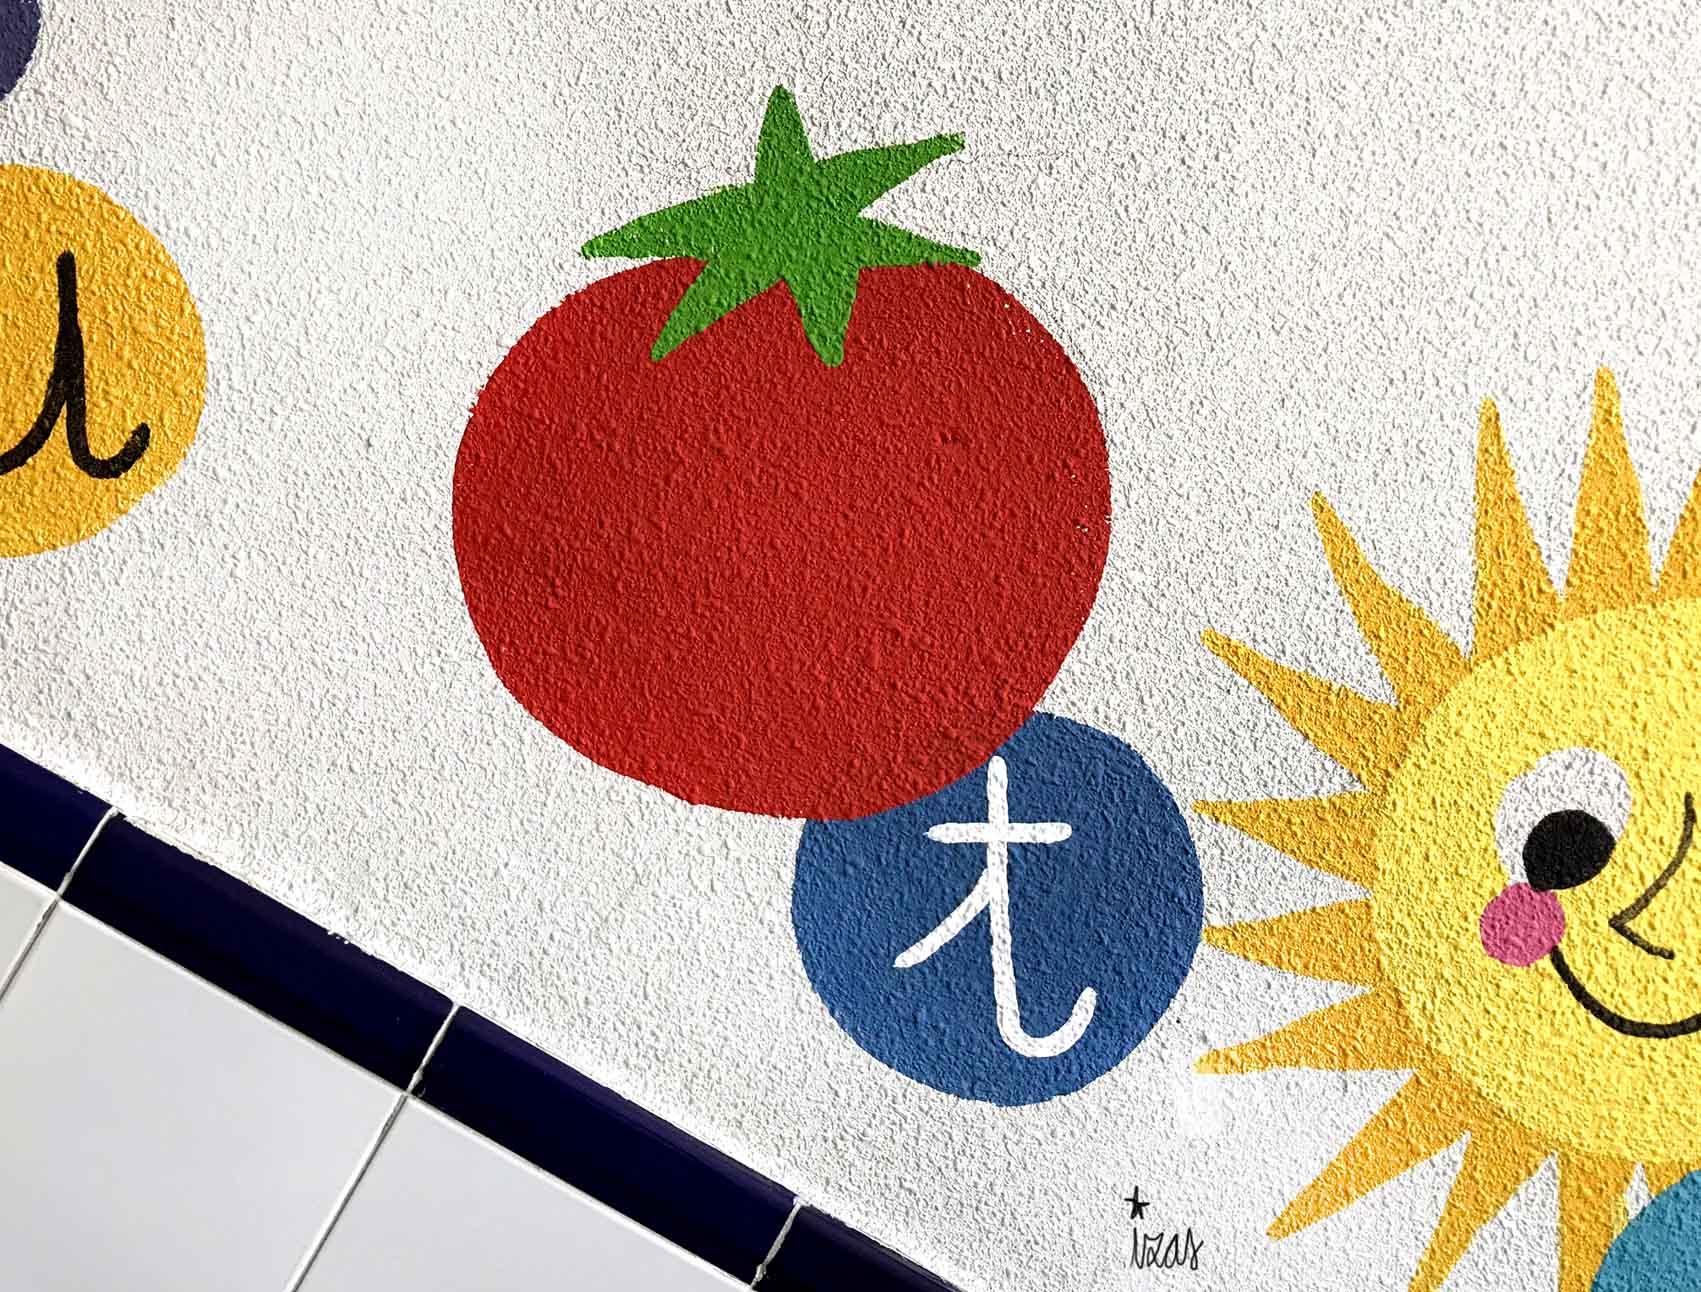 mural izas azulpatio soledad sainz escalera 18